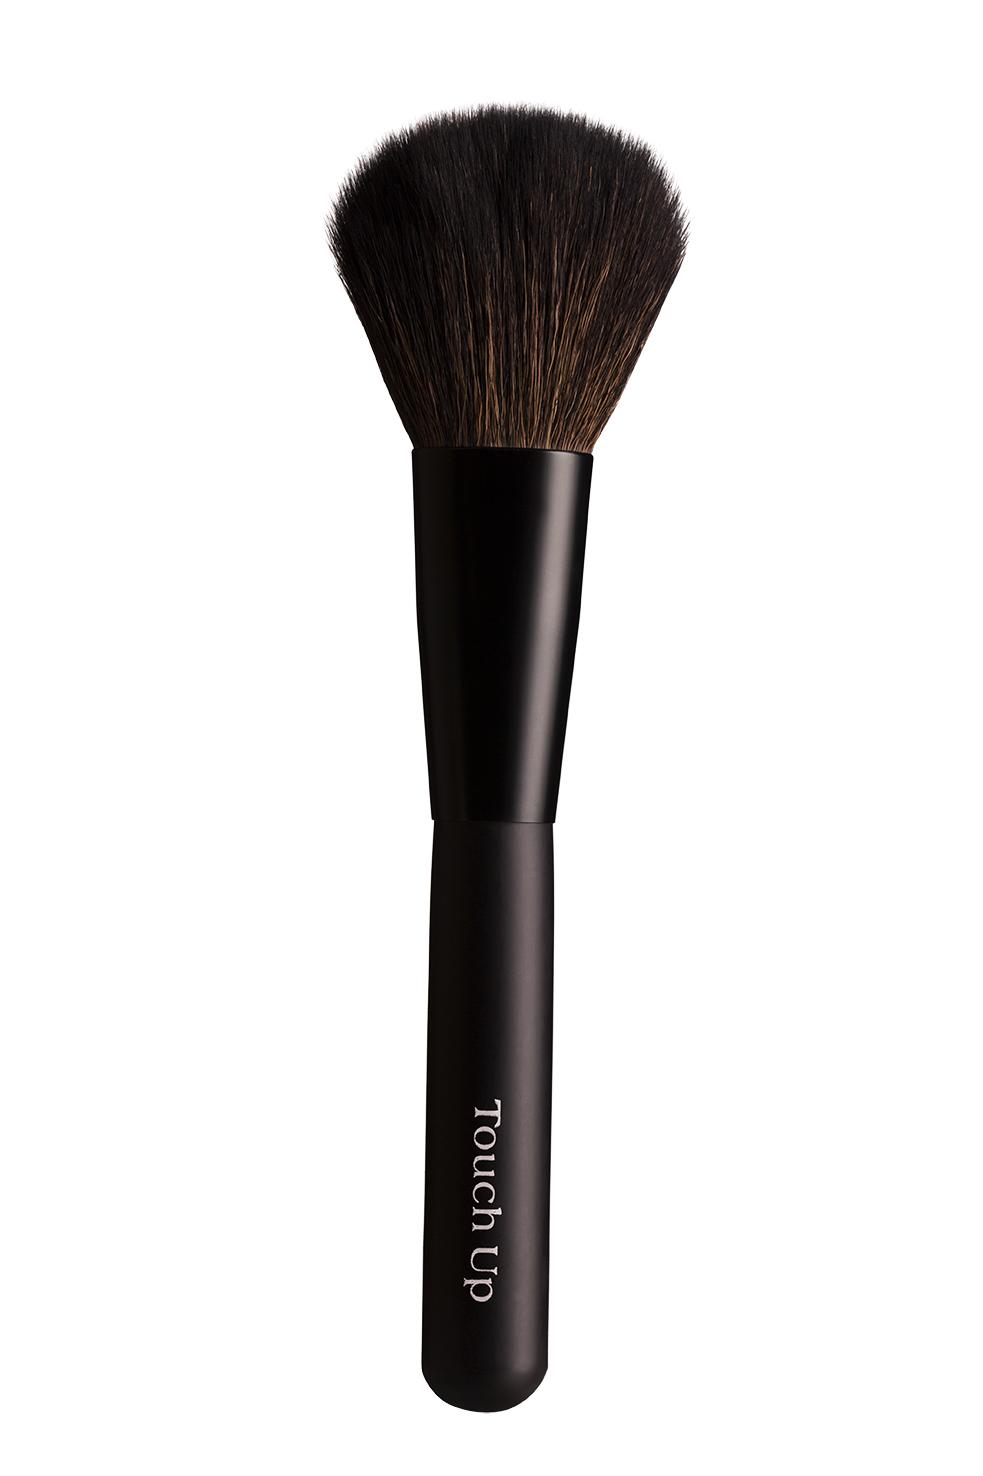 ทัชอัพ แปรงปัดแป้ง เบอร์ 144 (Powder Brush no.144)